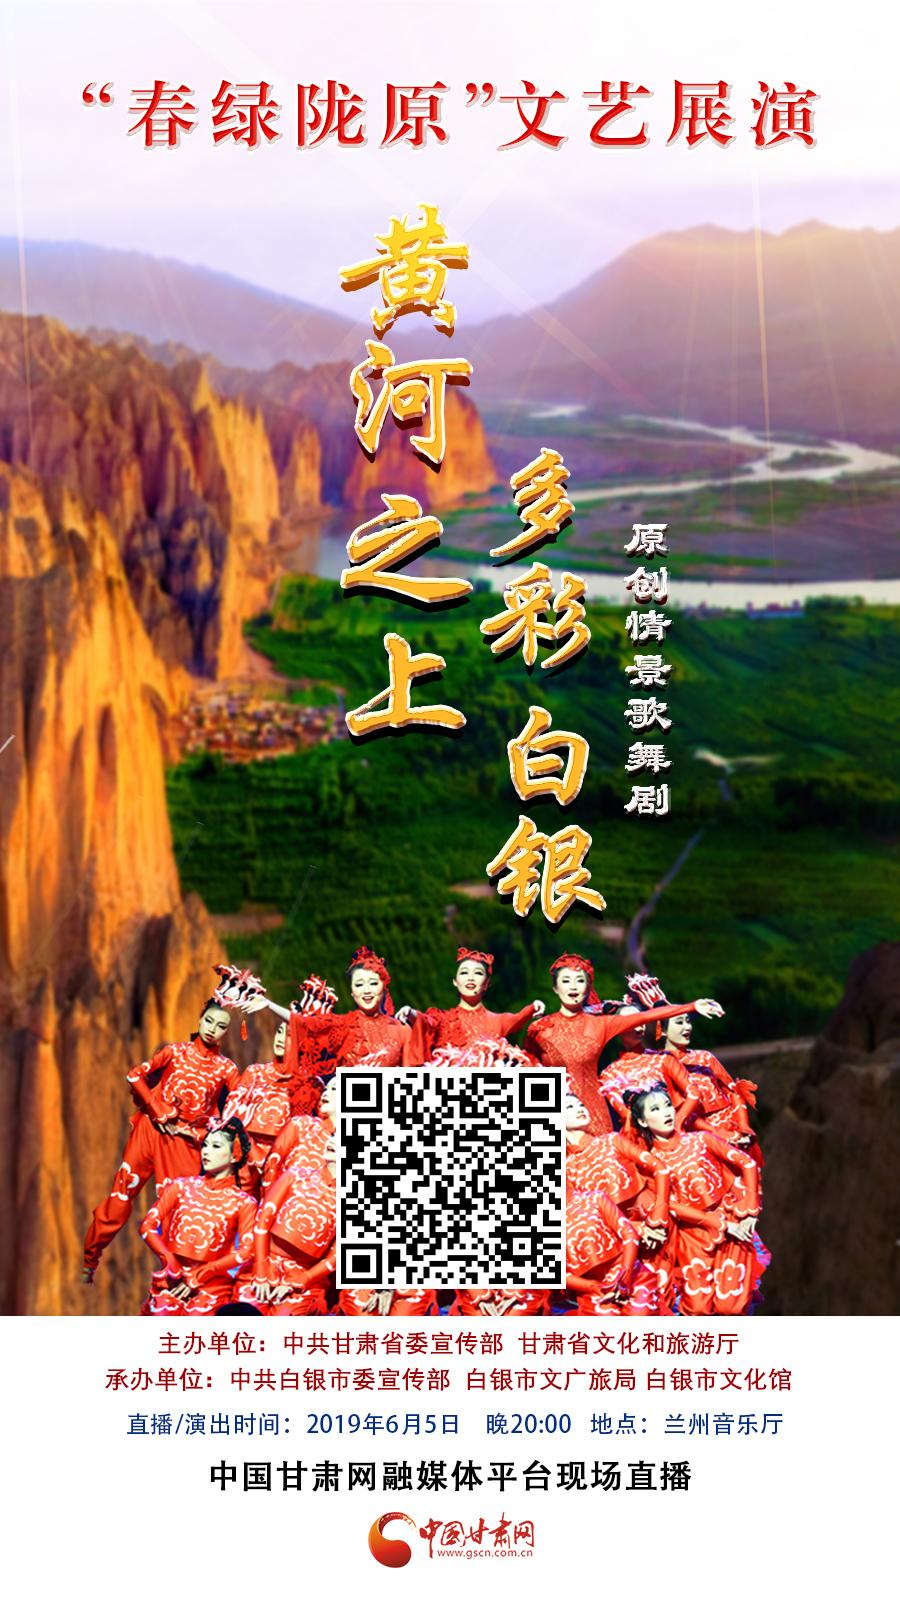 """【中国甘肃网-现场直播】""""春绿陇原""""《黄河之上·多彩白银》"""